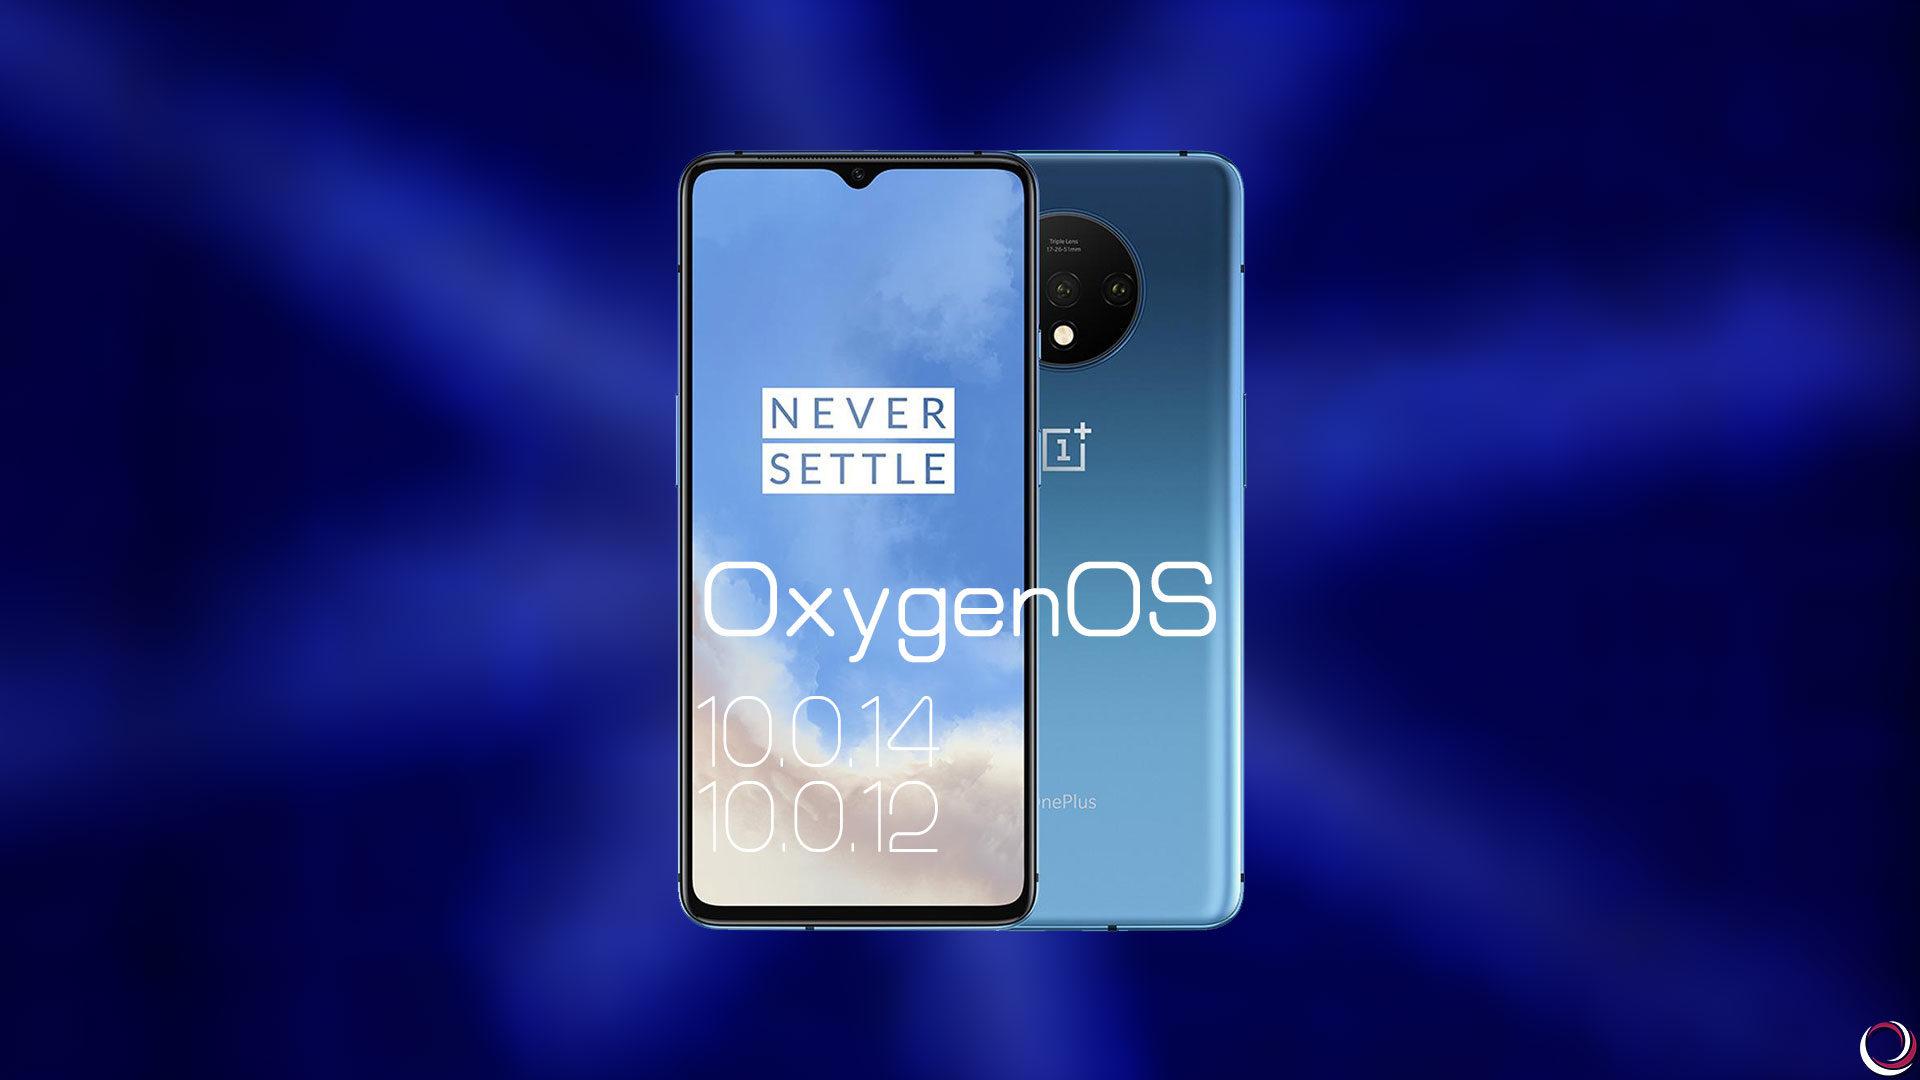 「OnePlus 7T/7TPro」向けに消費電力の最適化や9月セキュリティパッチの「OxygenOS 10.0.14/10.0.12」がリリース